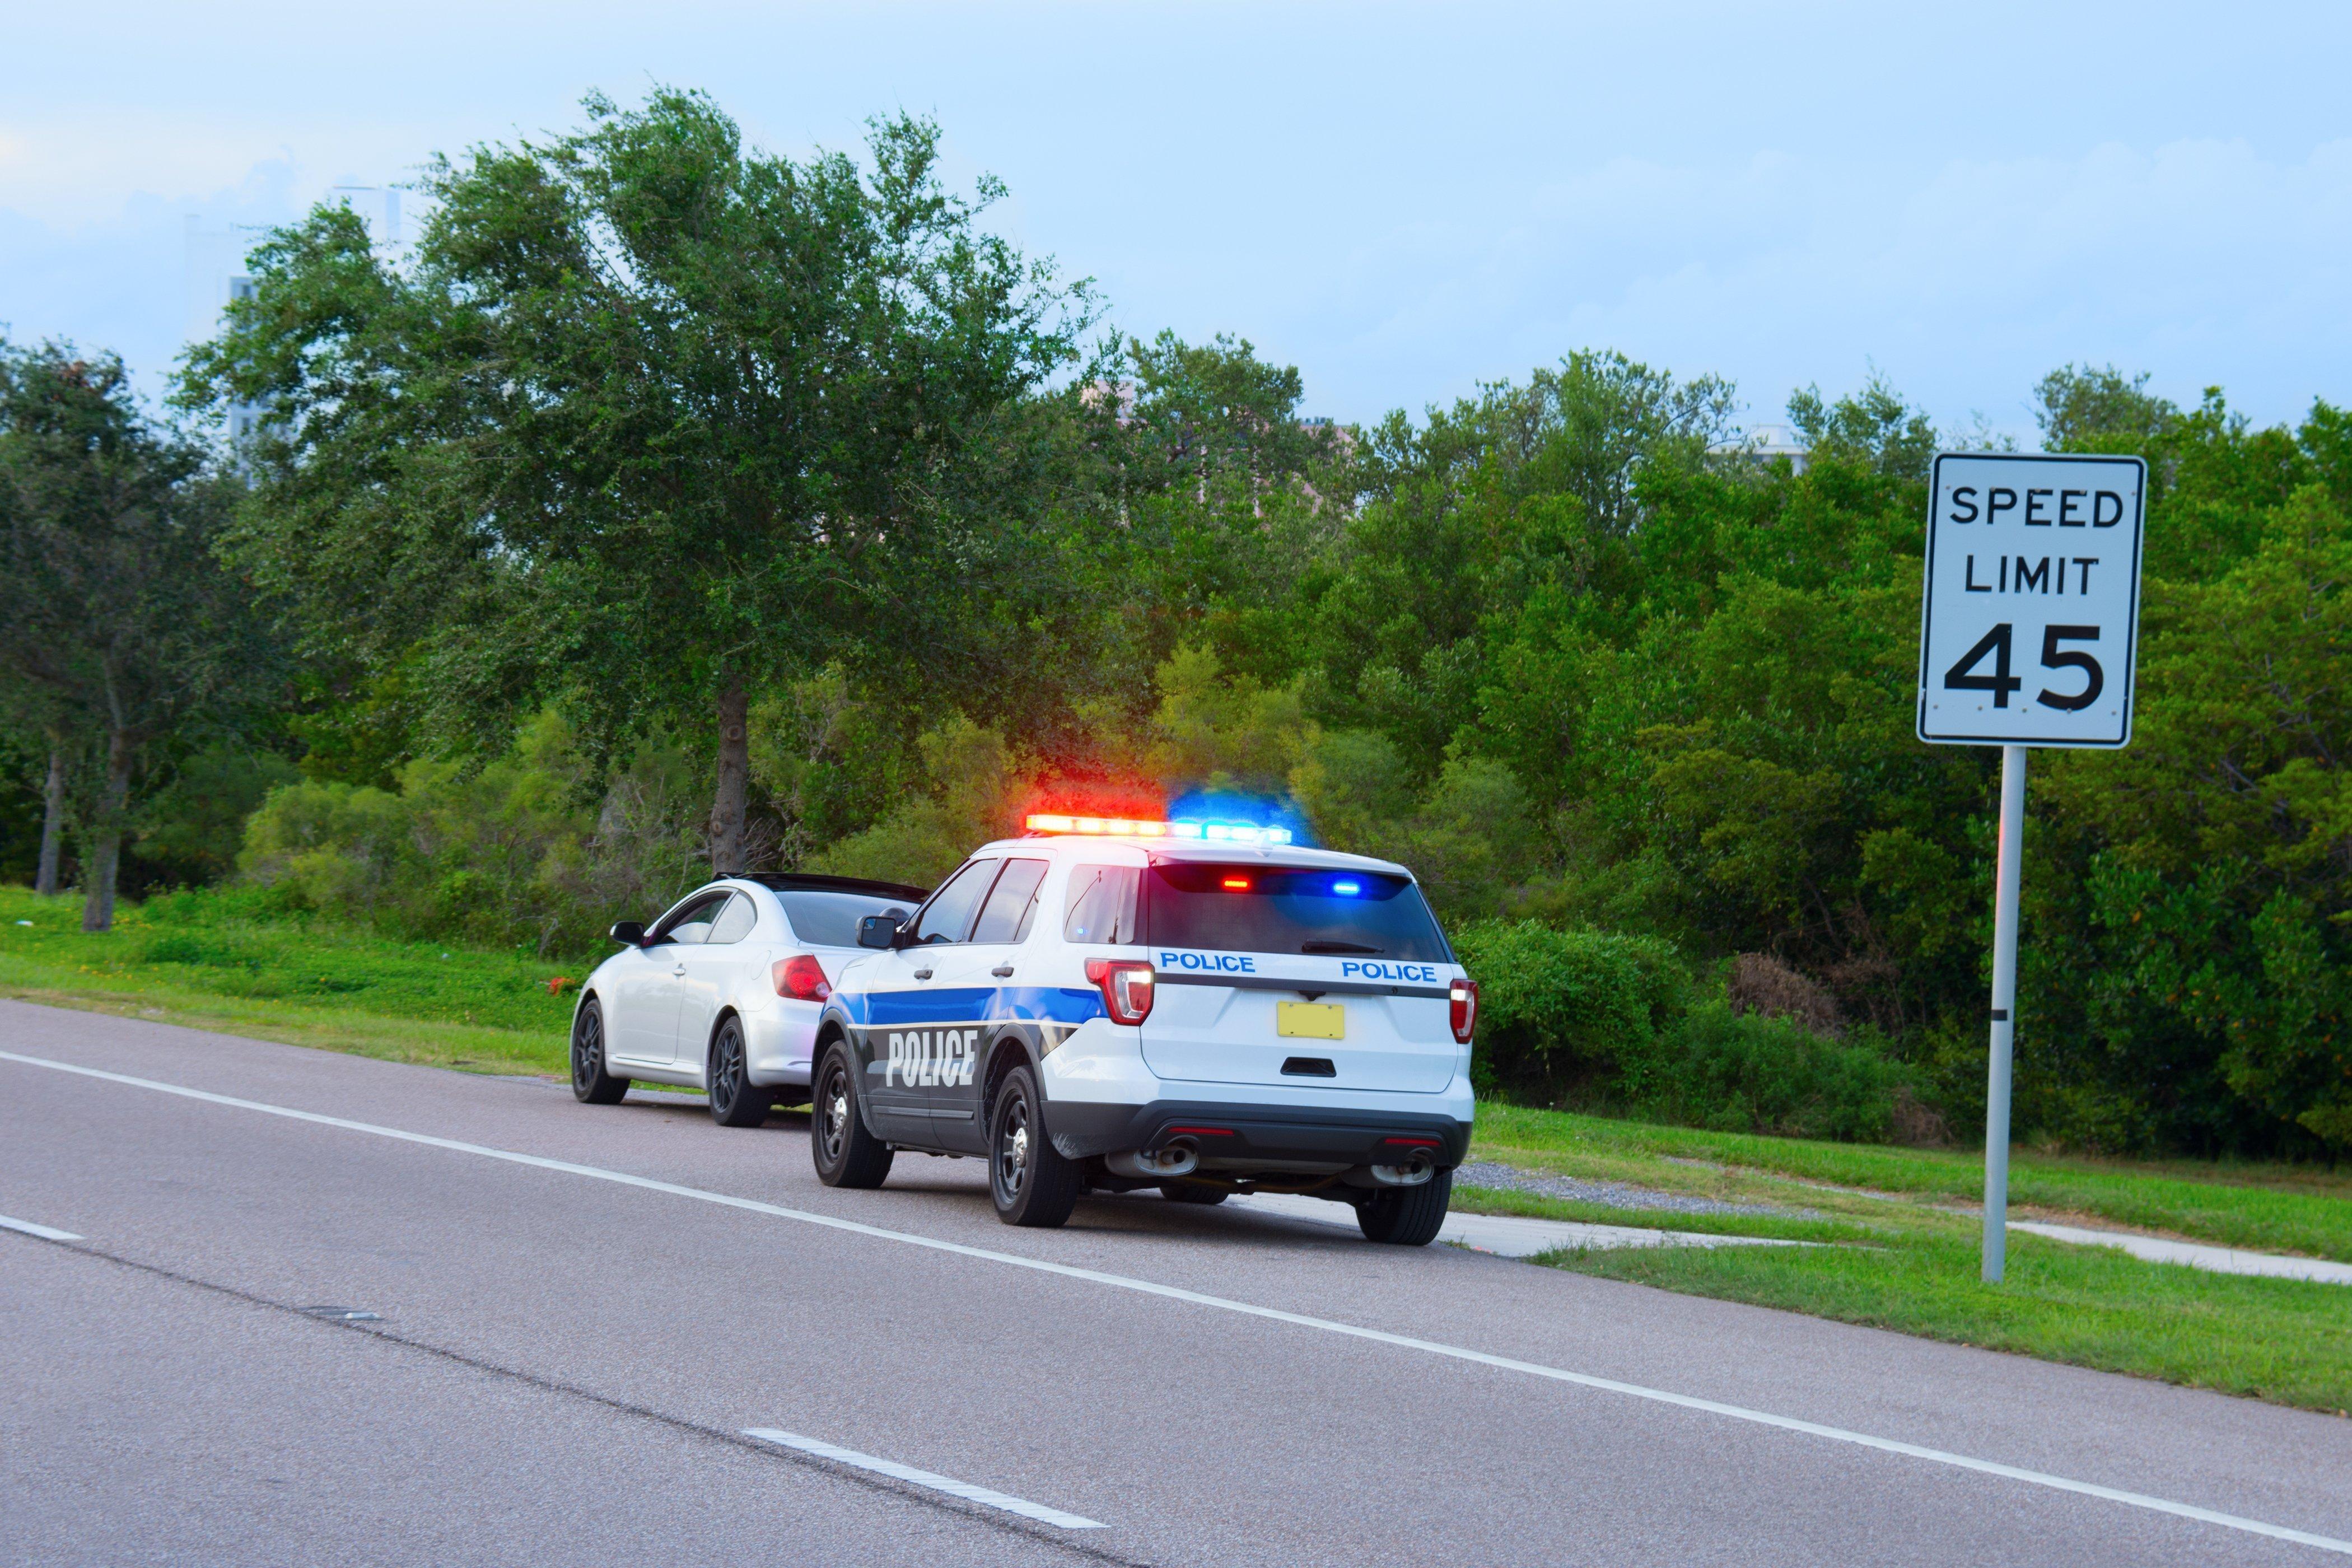 Polizeiwagen an Highway | Quelle: Shutterstock